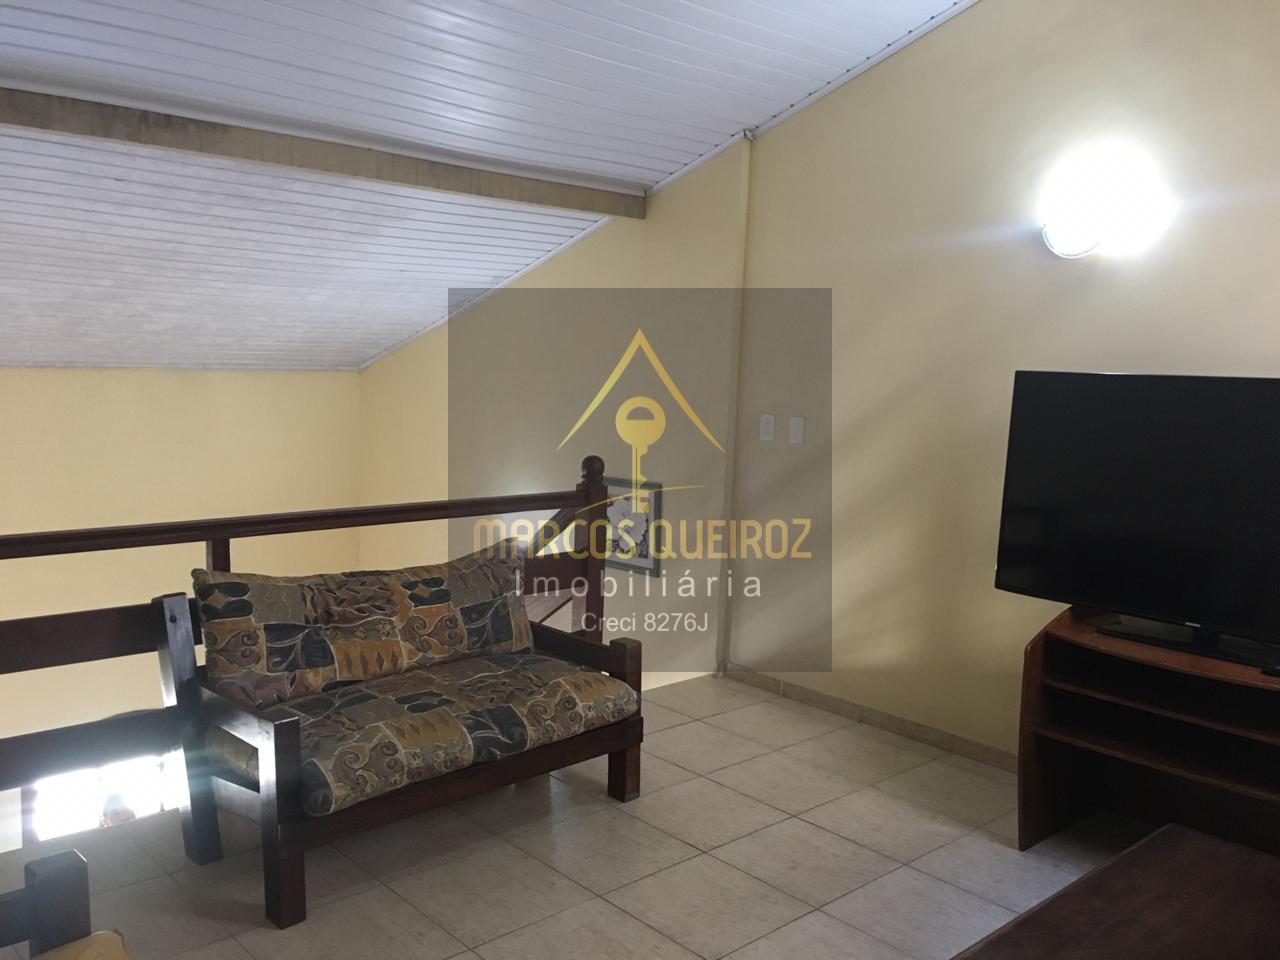 Cod: V485 Excelente casa em condominio no bairro Peró